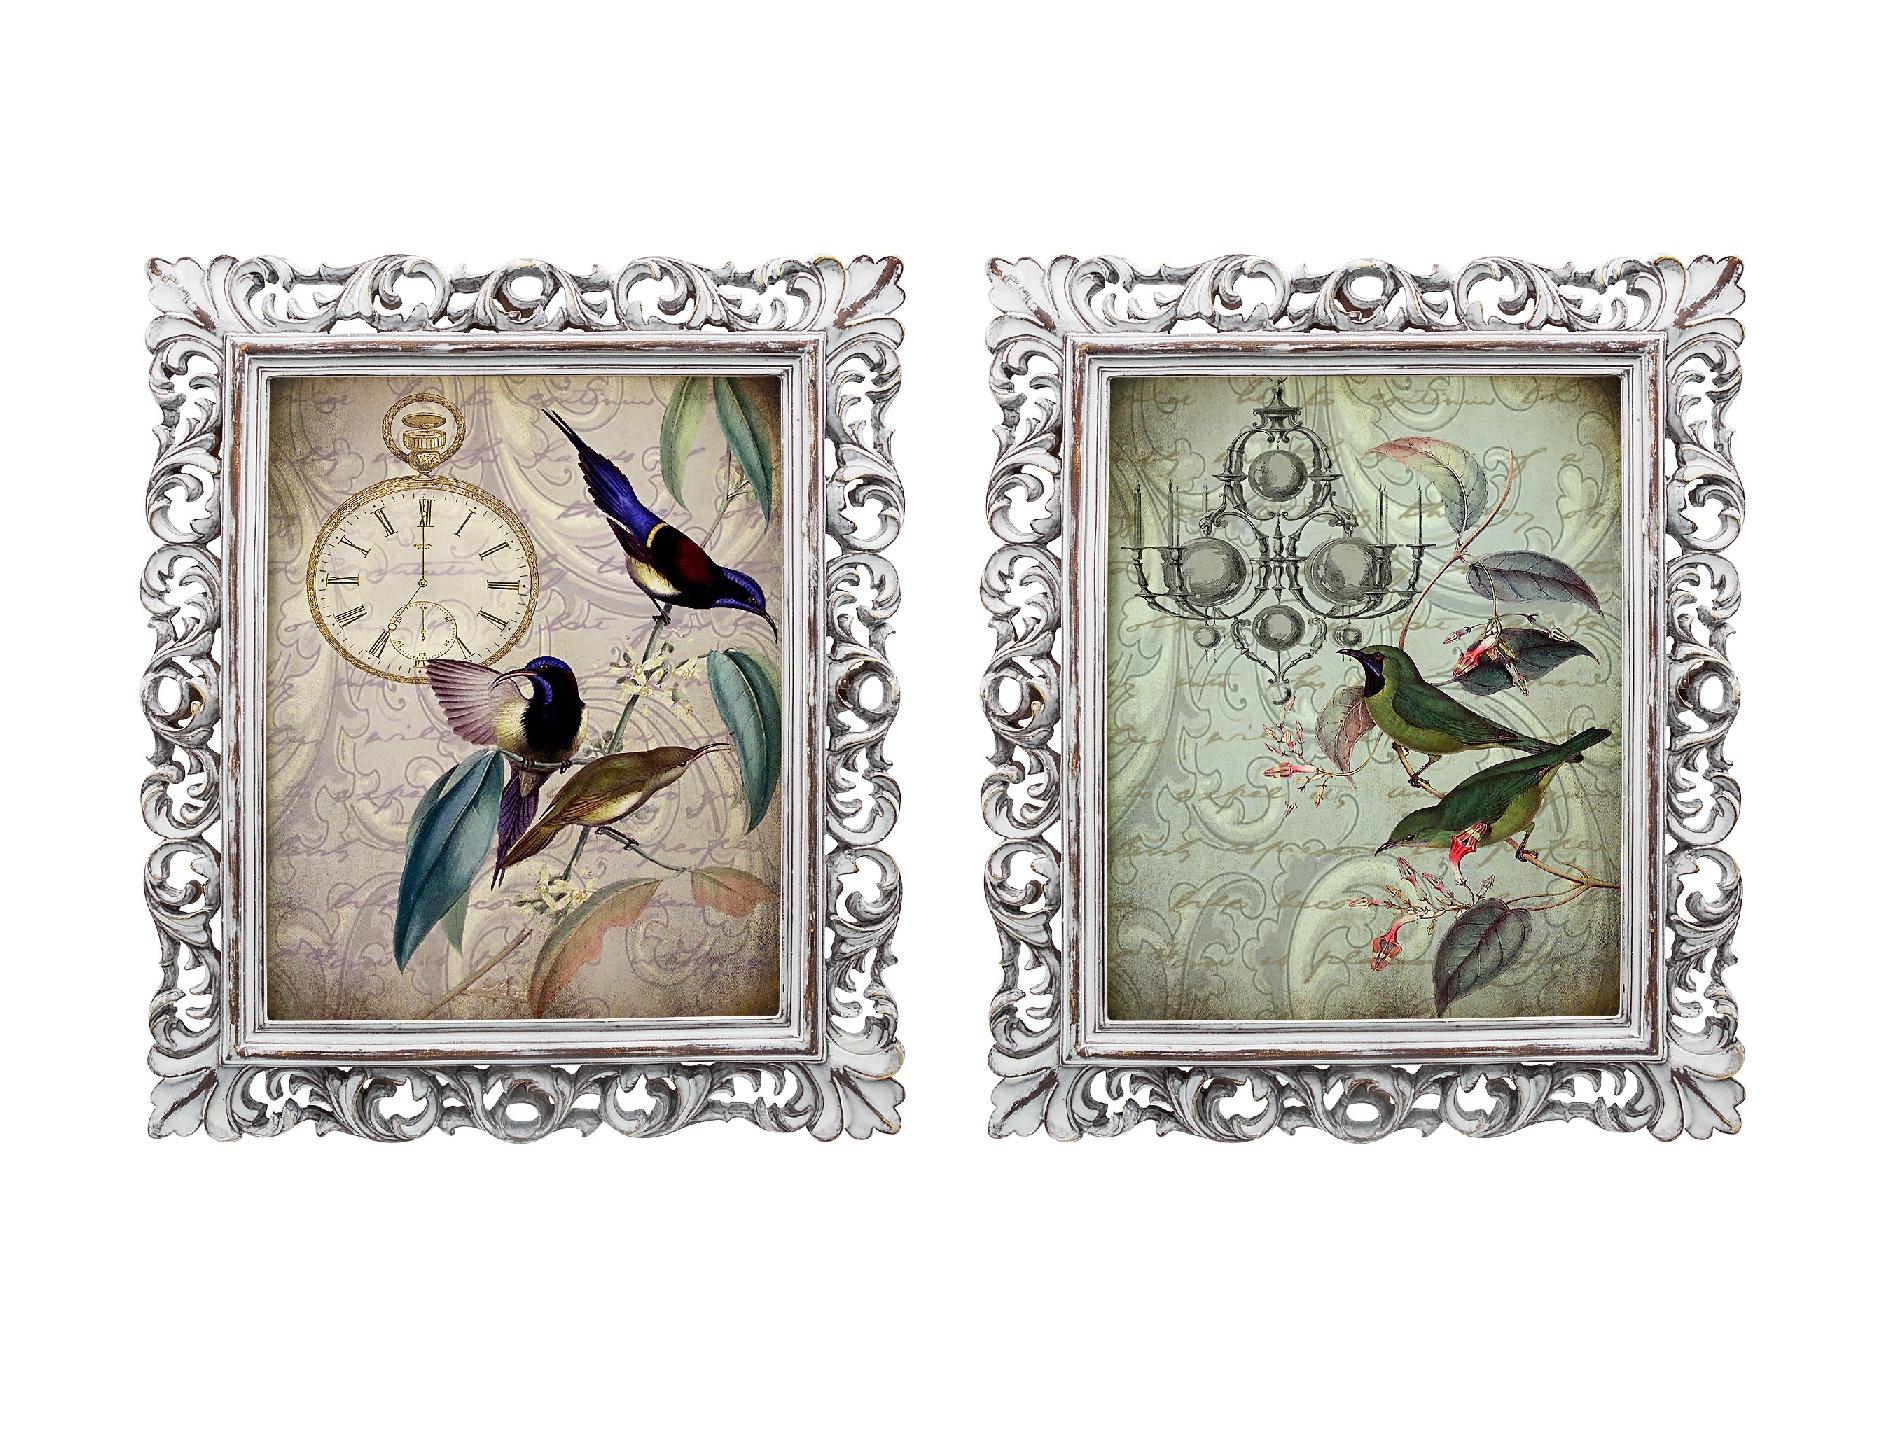 Набор из двух репродукций МадленКартины<br>Уникальные старинные изображения &amp;quot;Райские птицы&amp;quot; в окружении изящных рам создают особую романтическую атмосферу. Плавные линии витиеватых рам и мотивы гравюр завораживают и намекают на то, что путешествие во времени не так уж и сложно. Изображения райских птиц обрамлены ажурными рамами, искусная техника состаривания придает изделию особую теплоту и загадочность. Благородная патина на поверхности рамы — интригующее приглашение к прогулке в мир старинных реликвий! Изображение картины наполнено уникальными эмоциями и тайной, скрытой под кристально прозрачным стеклом. Картину можно повесить на стену, а можно поставить, например, на стол или камин. Защитный стеклянный слой гарантирует долгую жизнь прекрасному изображению. А если Вам захочется обновить интерьер, Вы можете с легкостью заменить изображение картины!&amp;lt;div&amp;gt;&amp;lt;br&amp;gt;&amp;lt;/div&amp;gt;<br><br>Material: Бумага<br>Ширина см: 28<br>Высота см: 33<br>Глубина см: 2